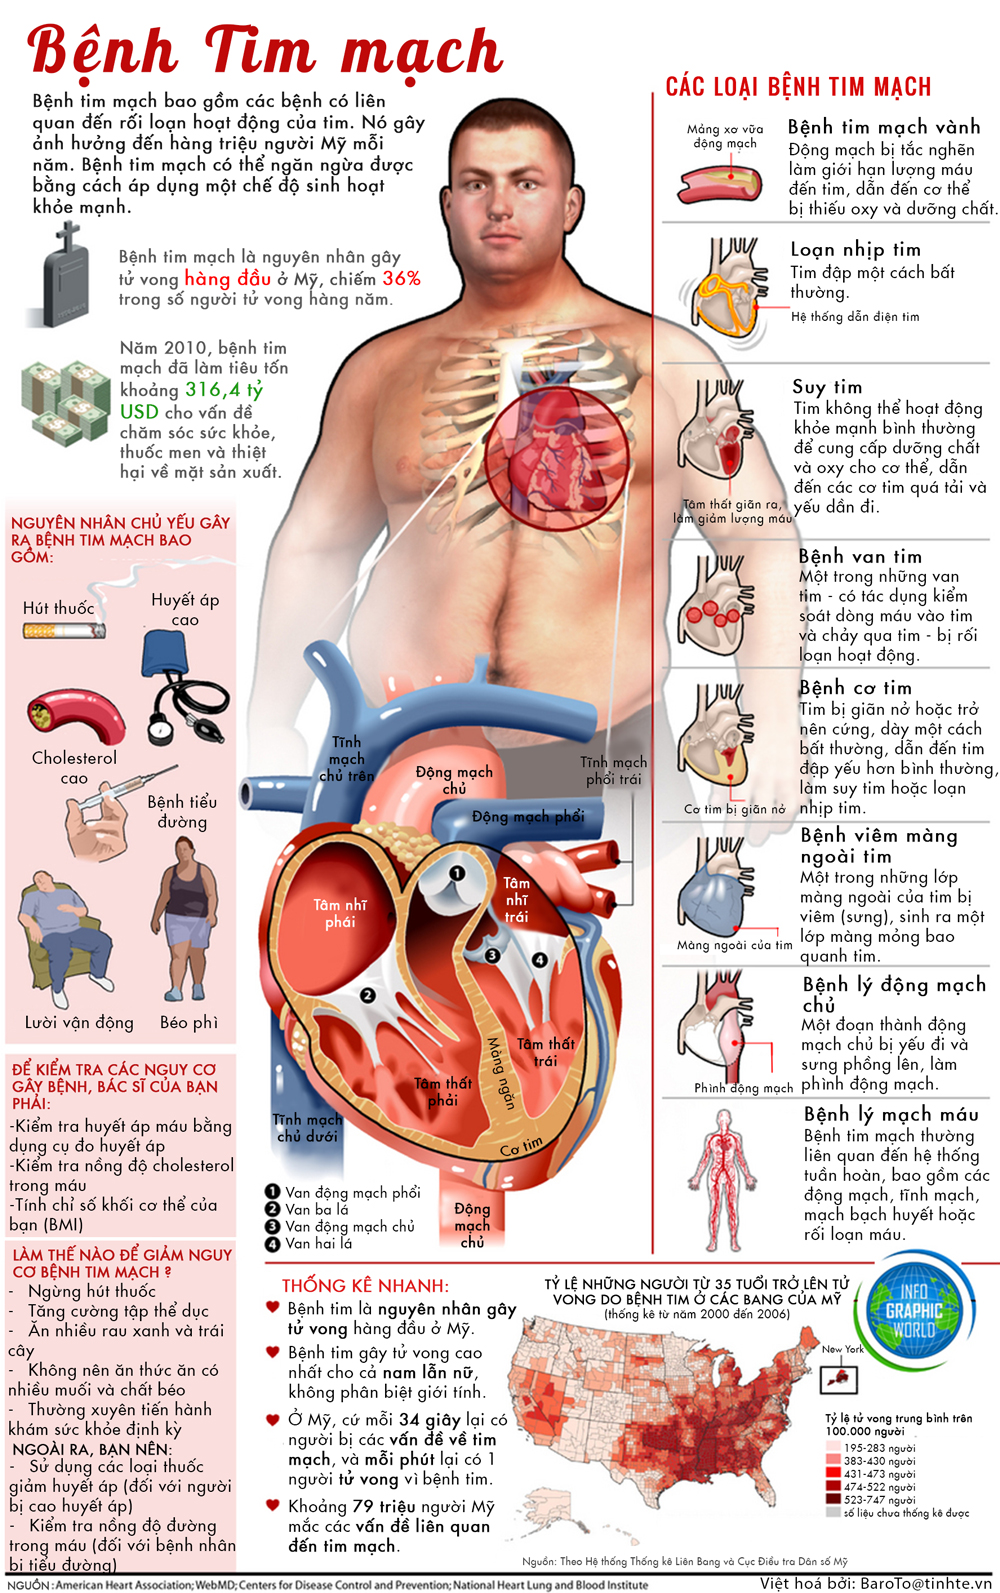 Phòng ngừa hỗ trợ bệnh tim mạch